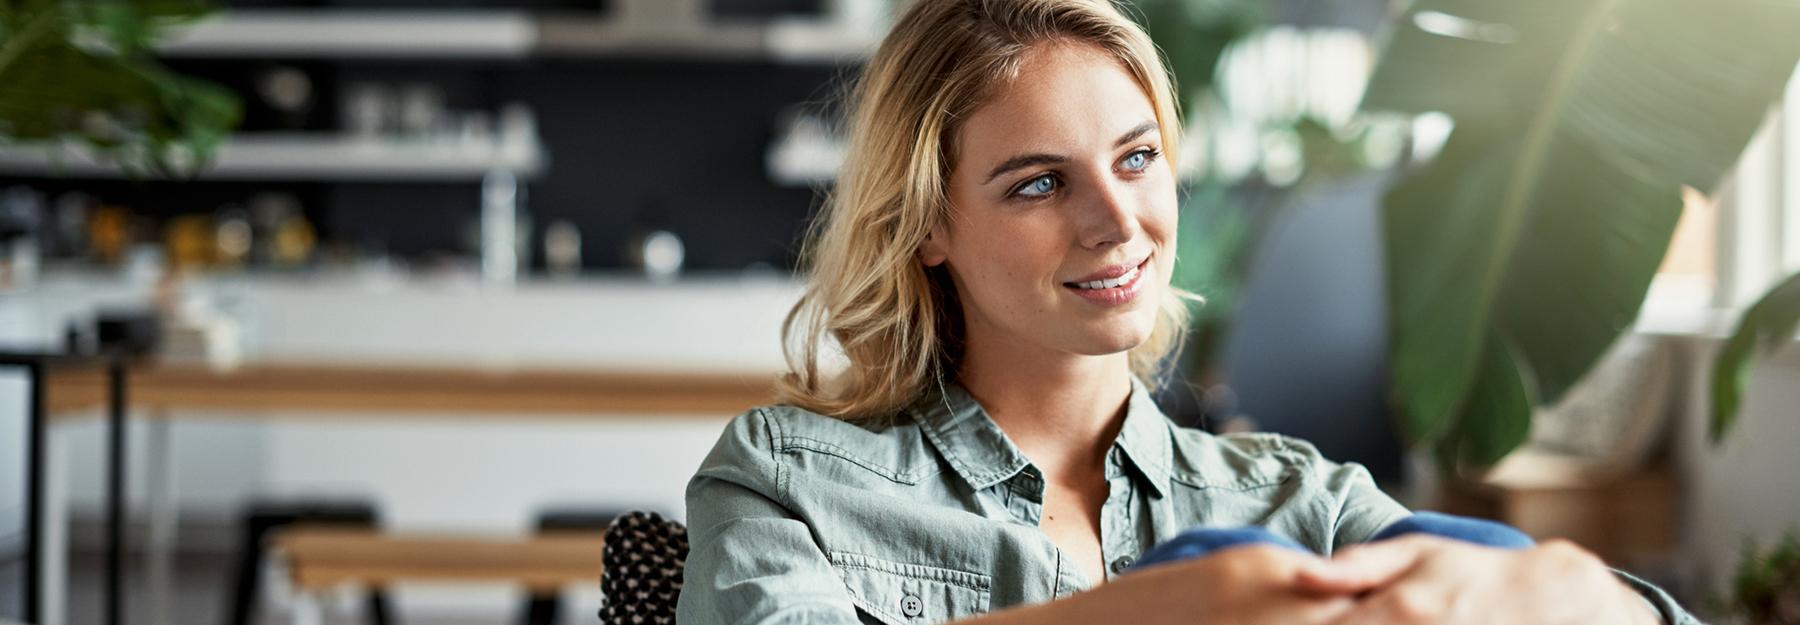 haftpflichtversicherung tipps test und tarifvergleich 2019. Black Bedroom Furniture Sets. Home Design Ideas